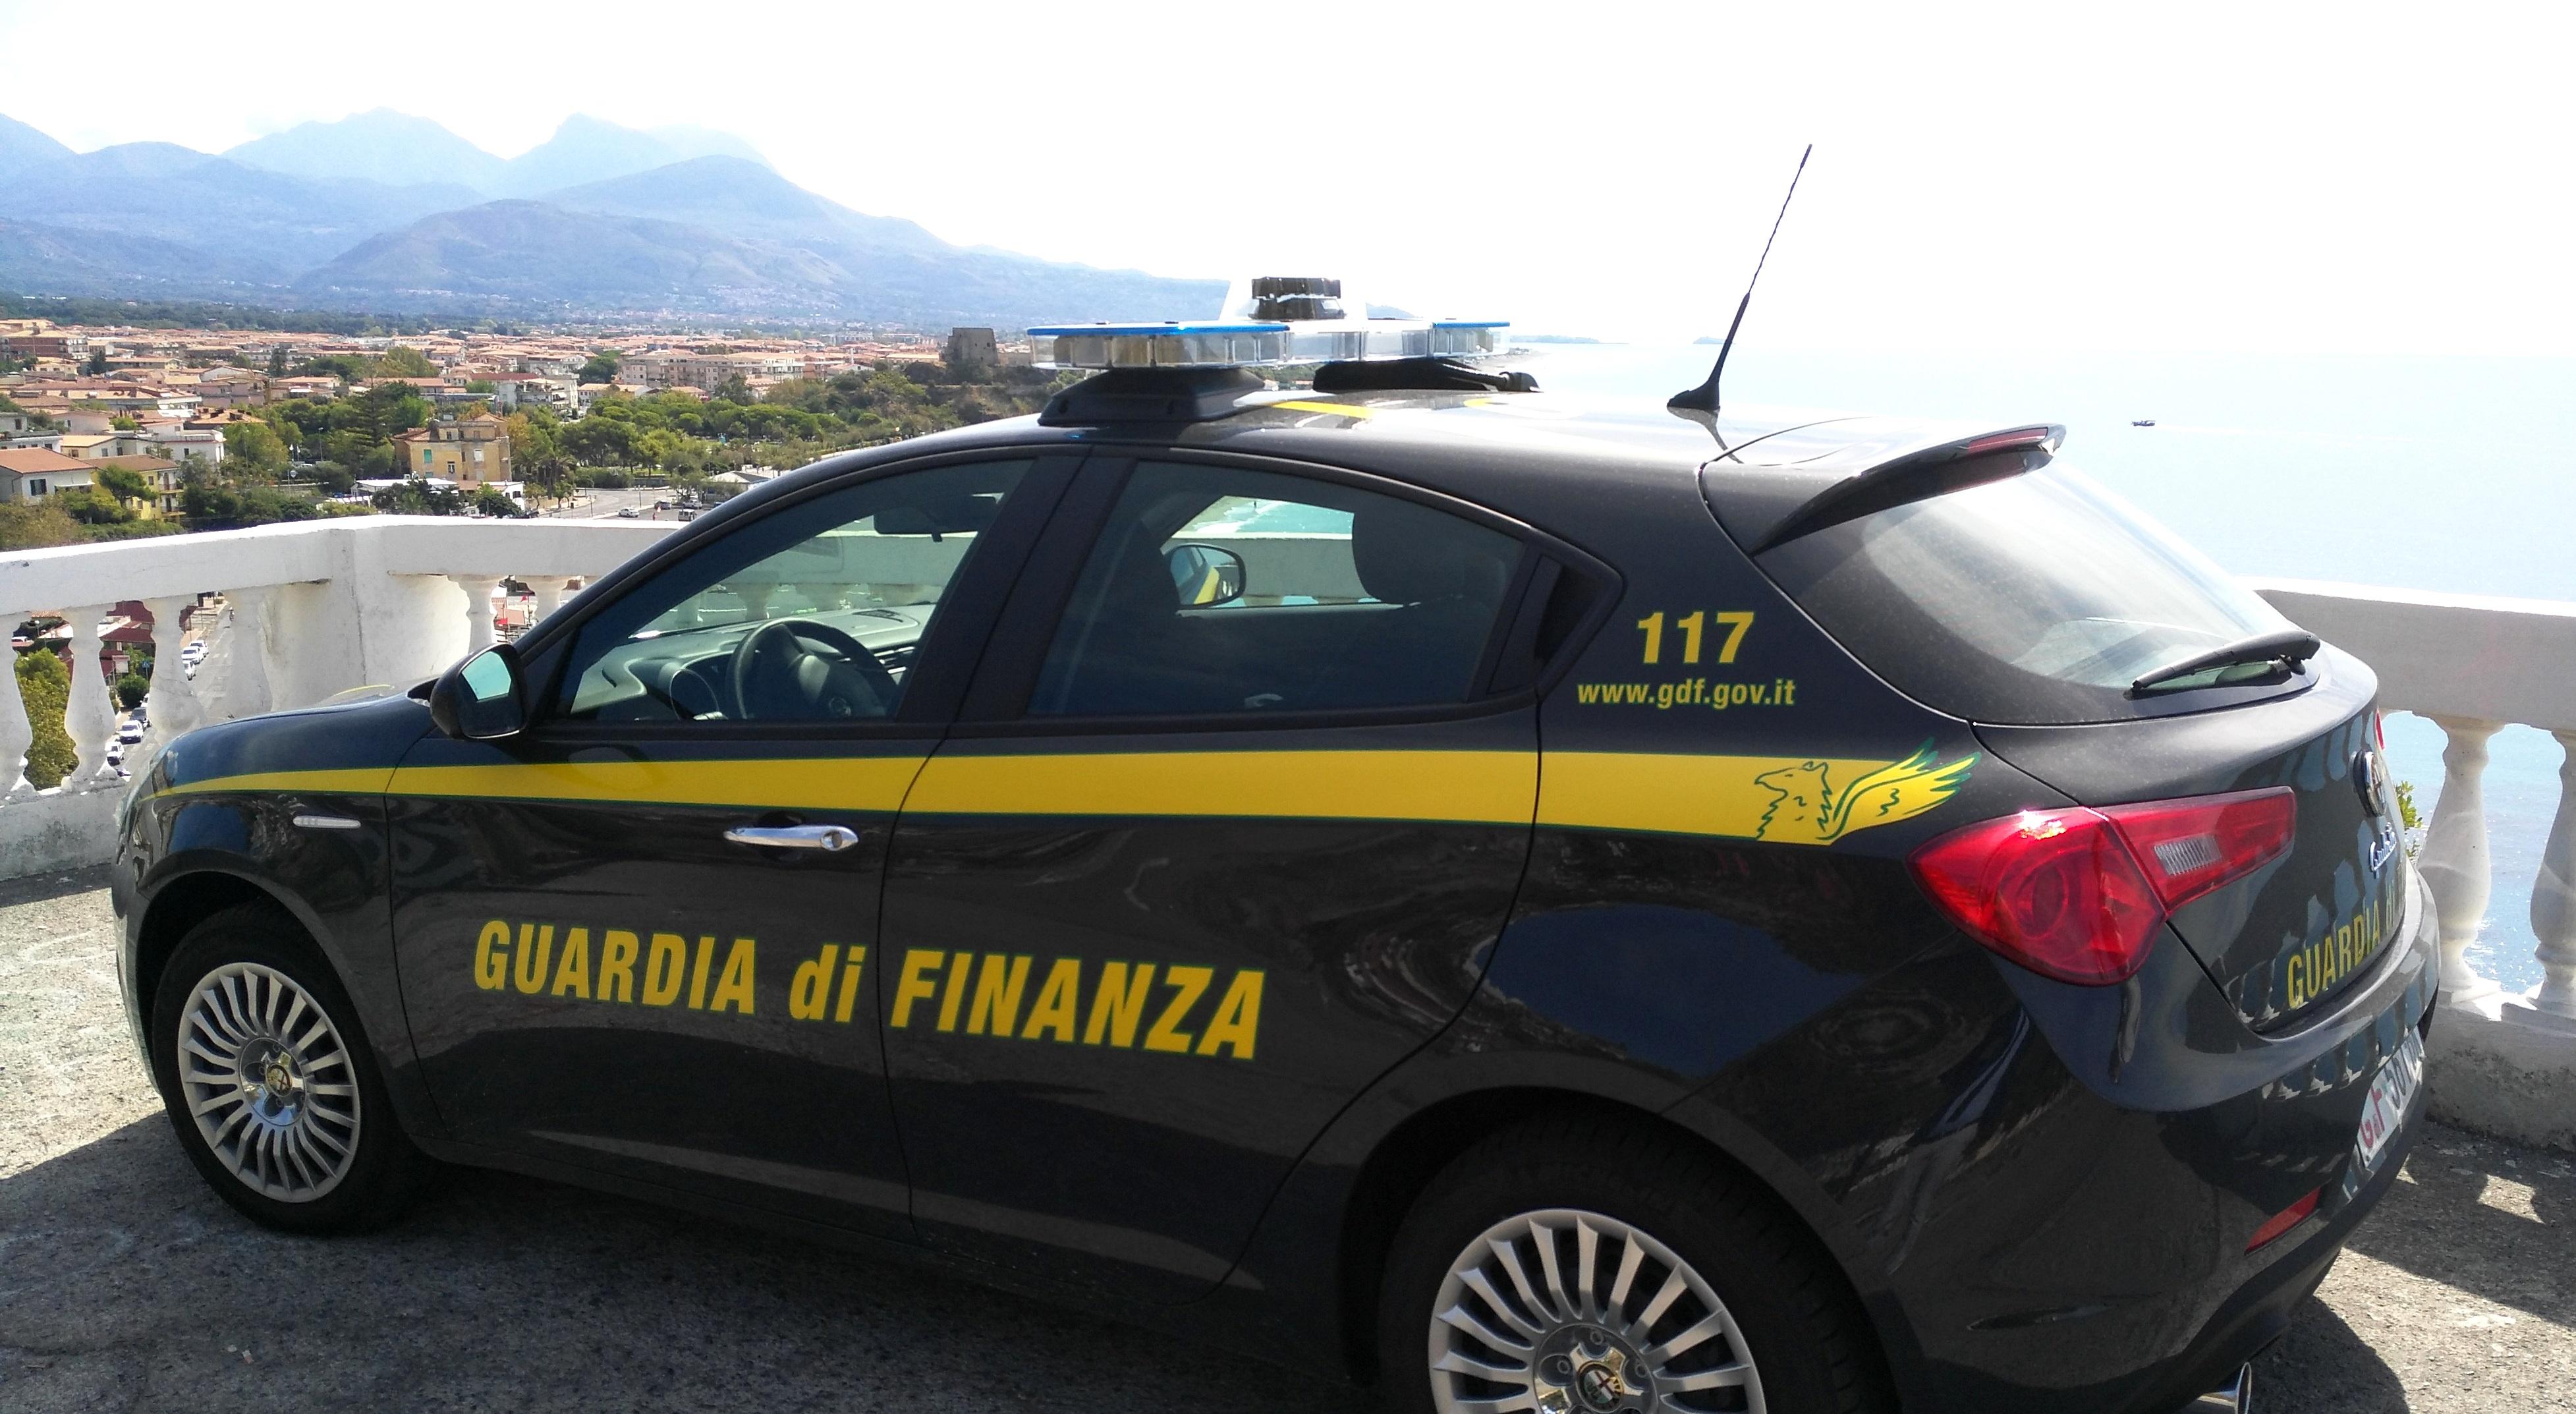 Truffa all'Inps da 285 mila euro: 95 persone denunciate nel Reggino